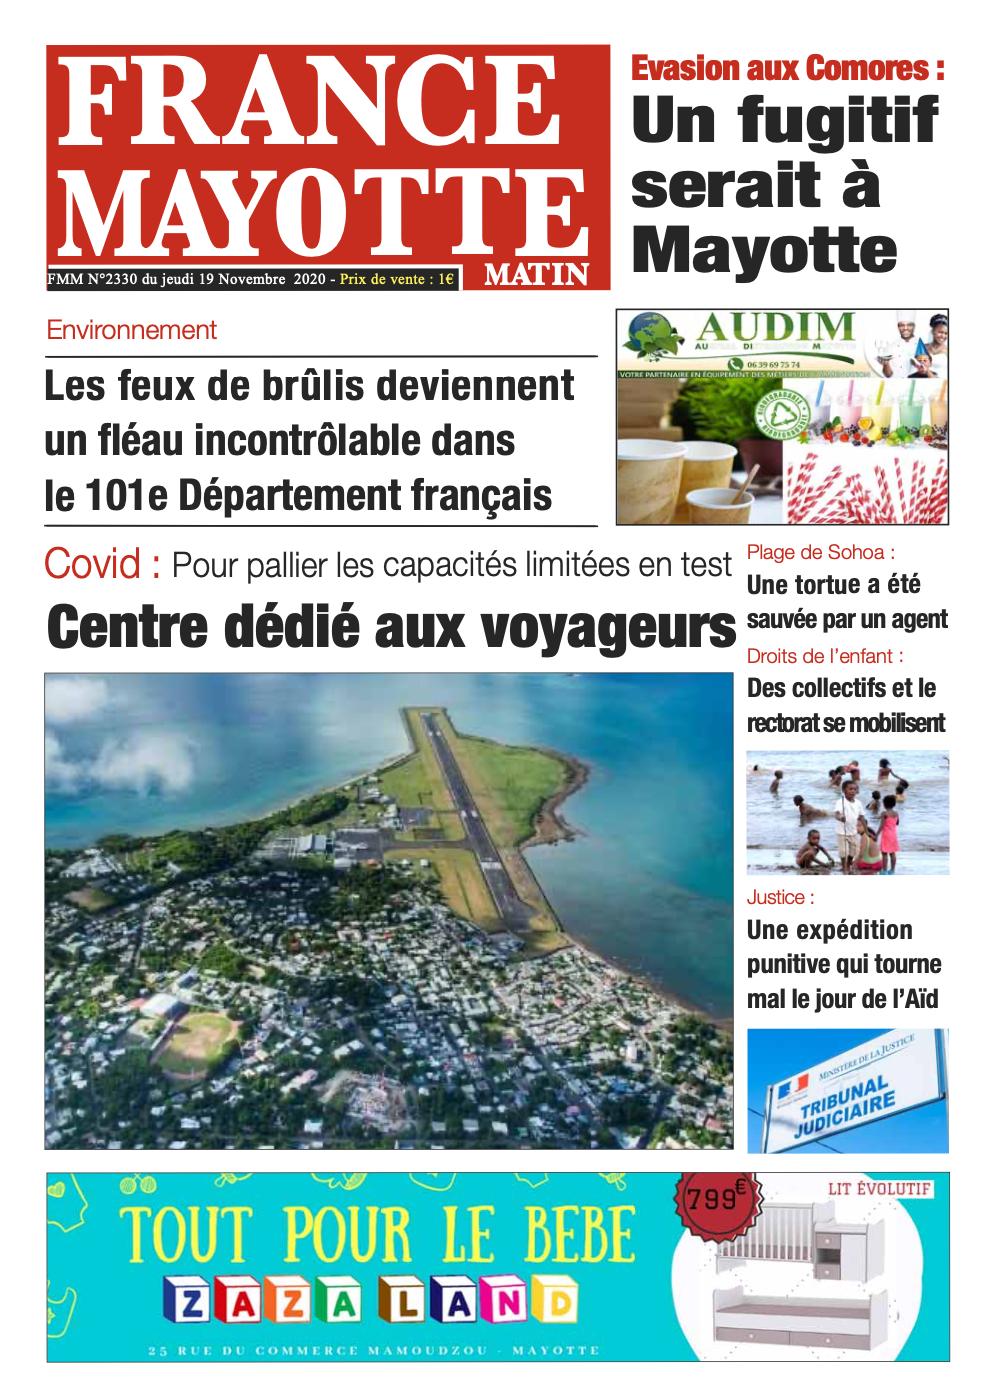 France Mayotte Jeudi 19 novembre 2020